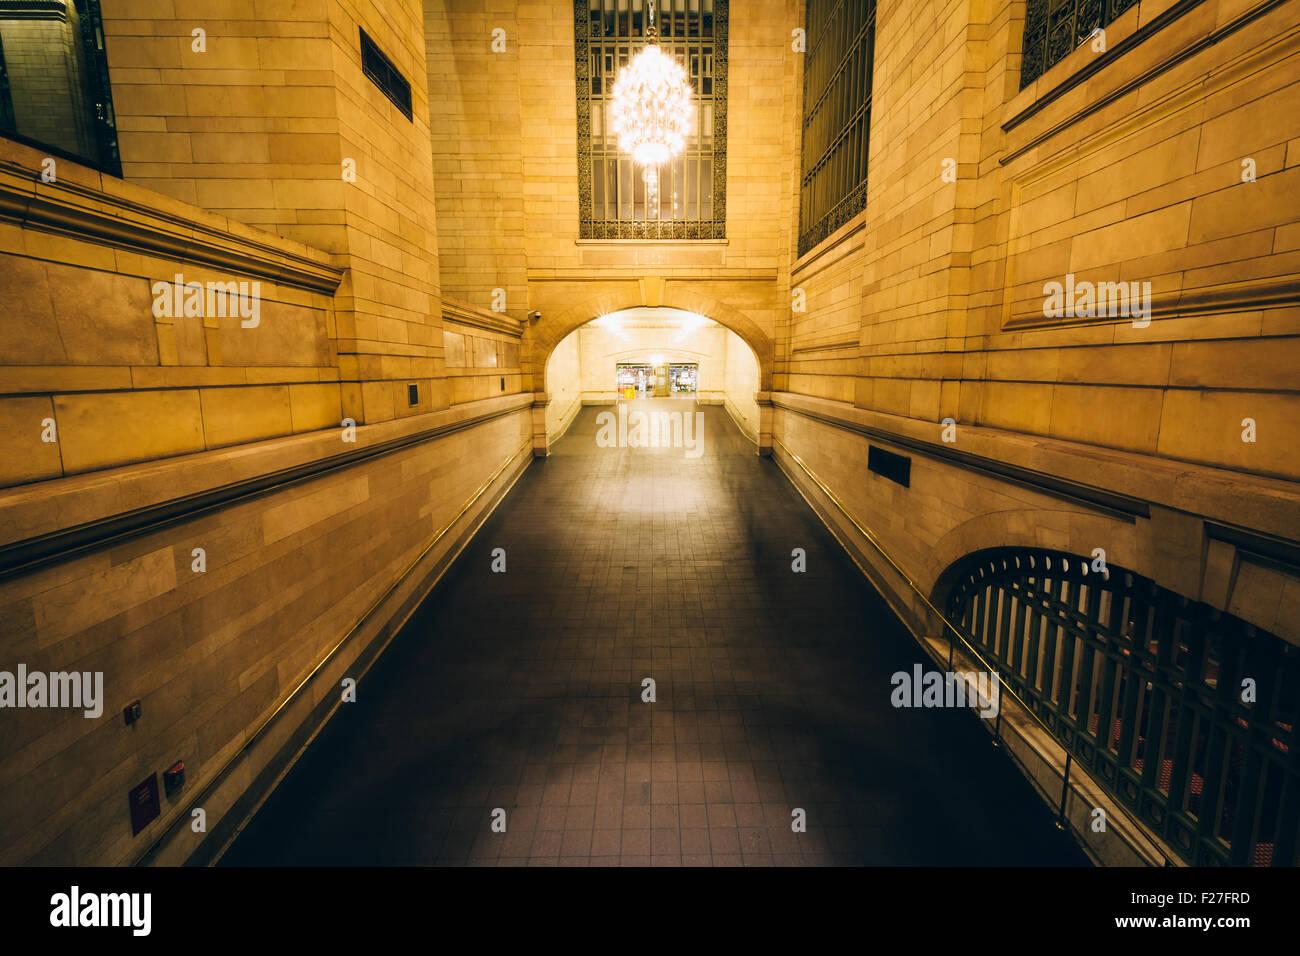 Paseo en la Grand Central Station, en Manhattan, Nueva York. Imagen De Stock